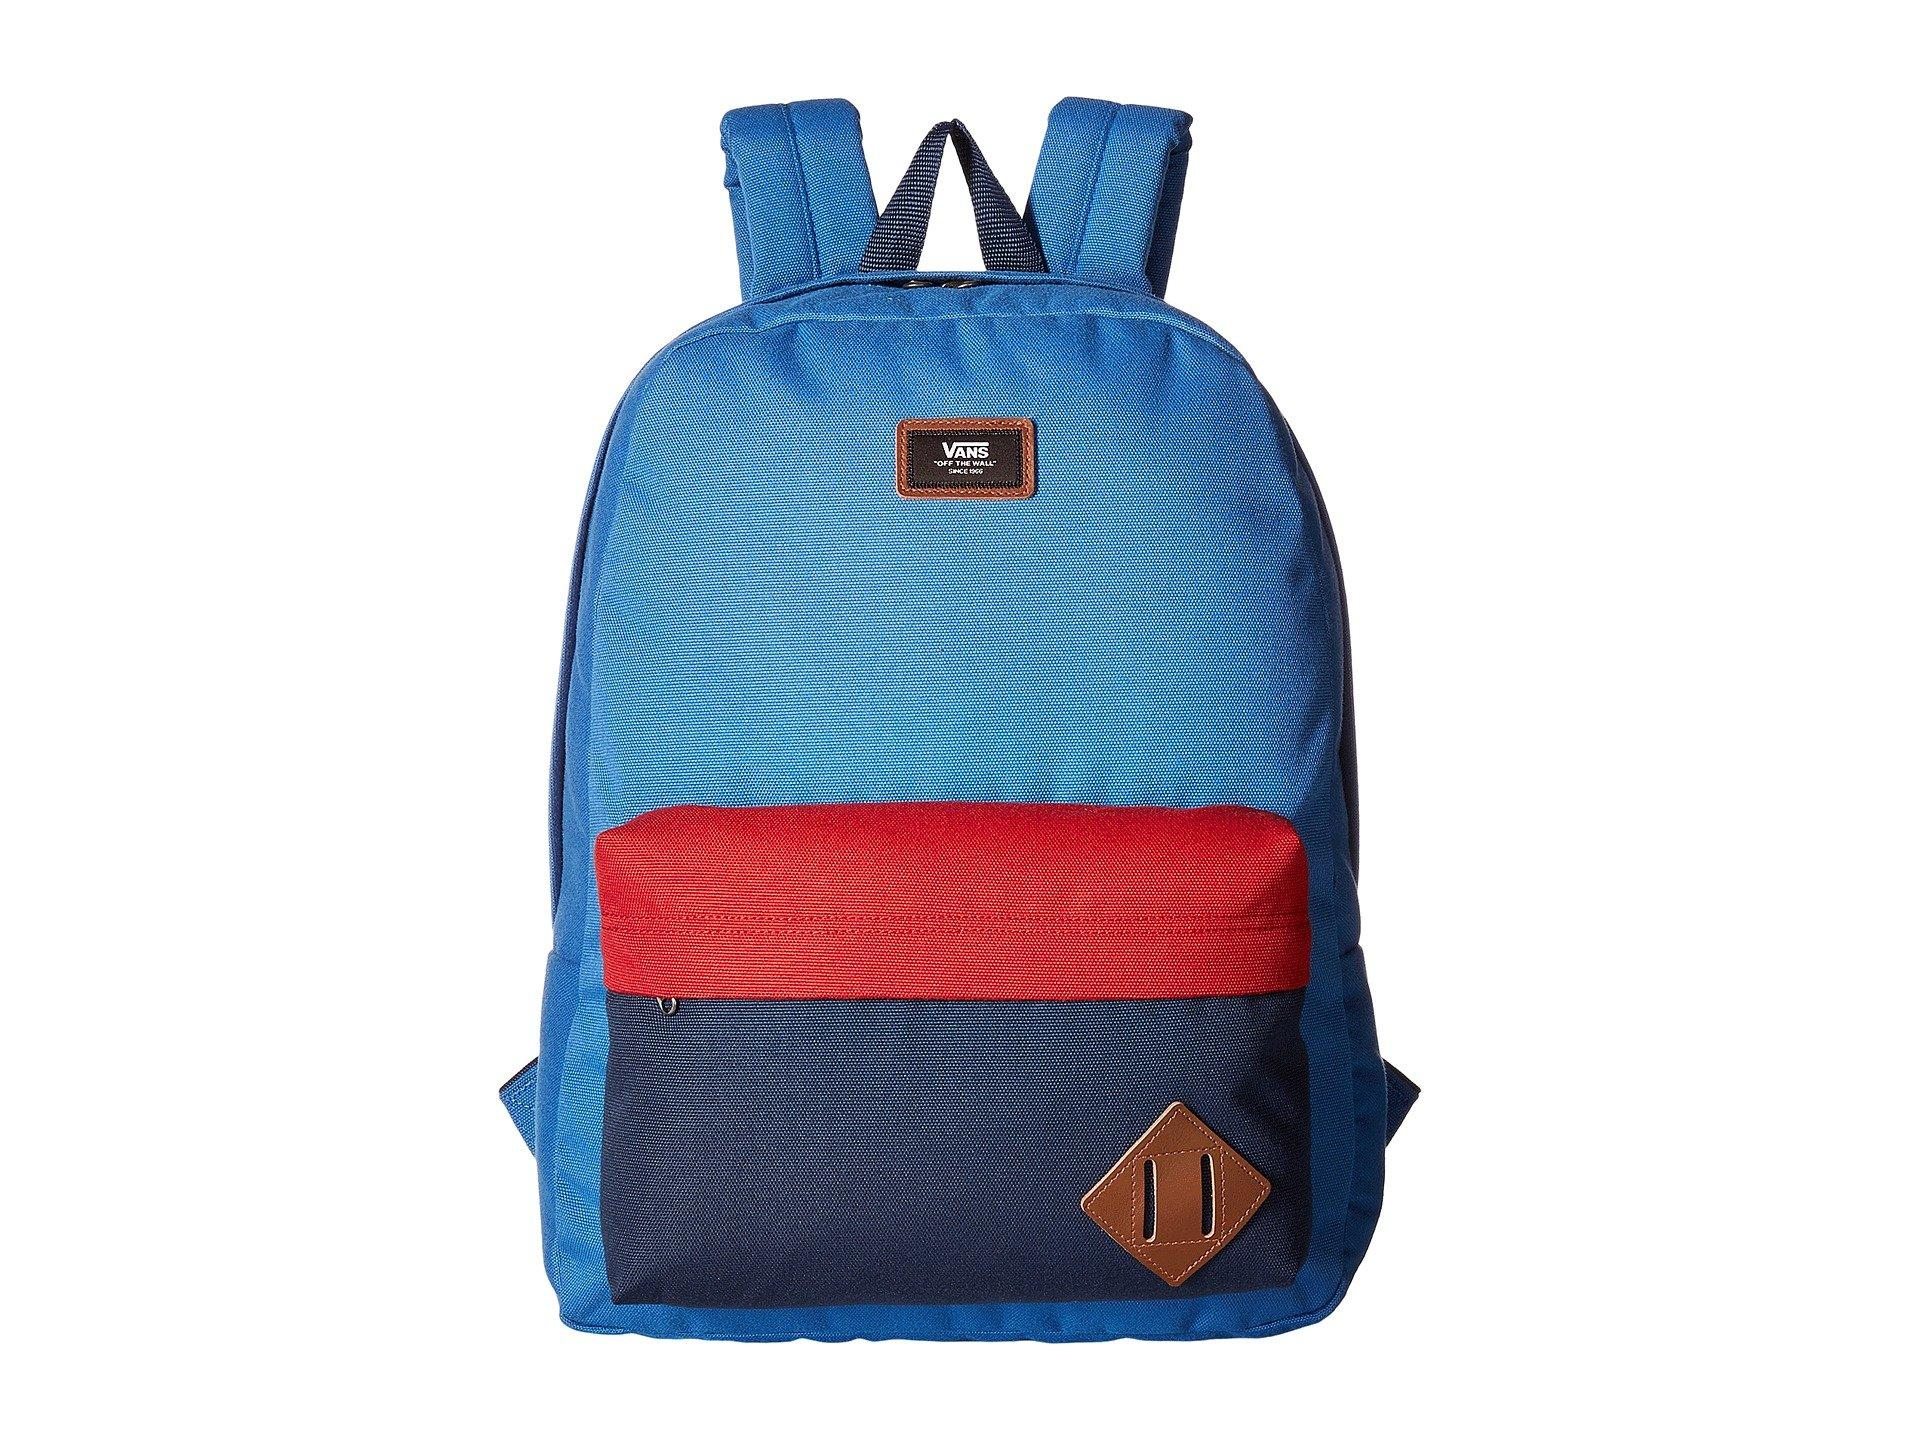 4c7af9795b Vans Old Skool Ii Backpack In Delft Color Block